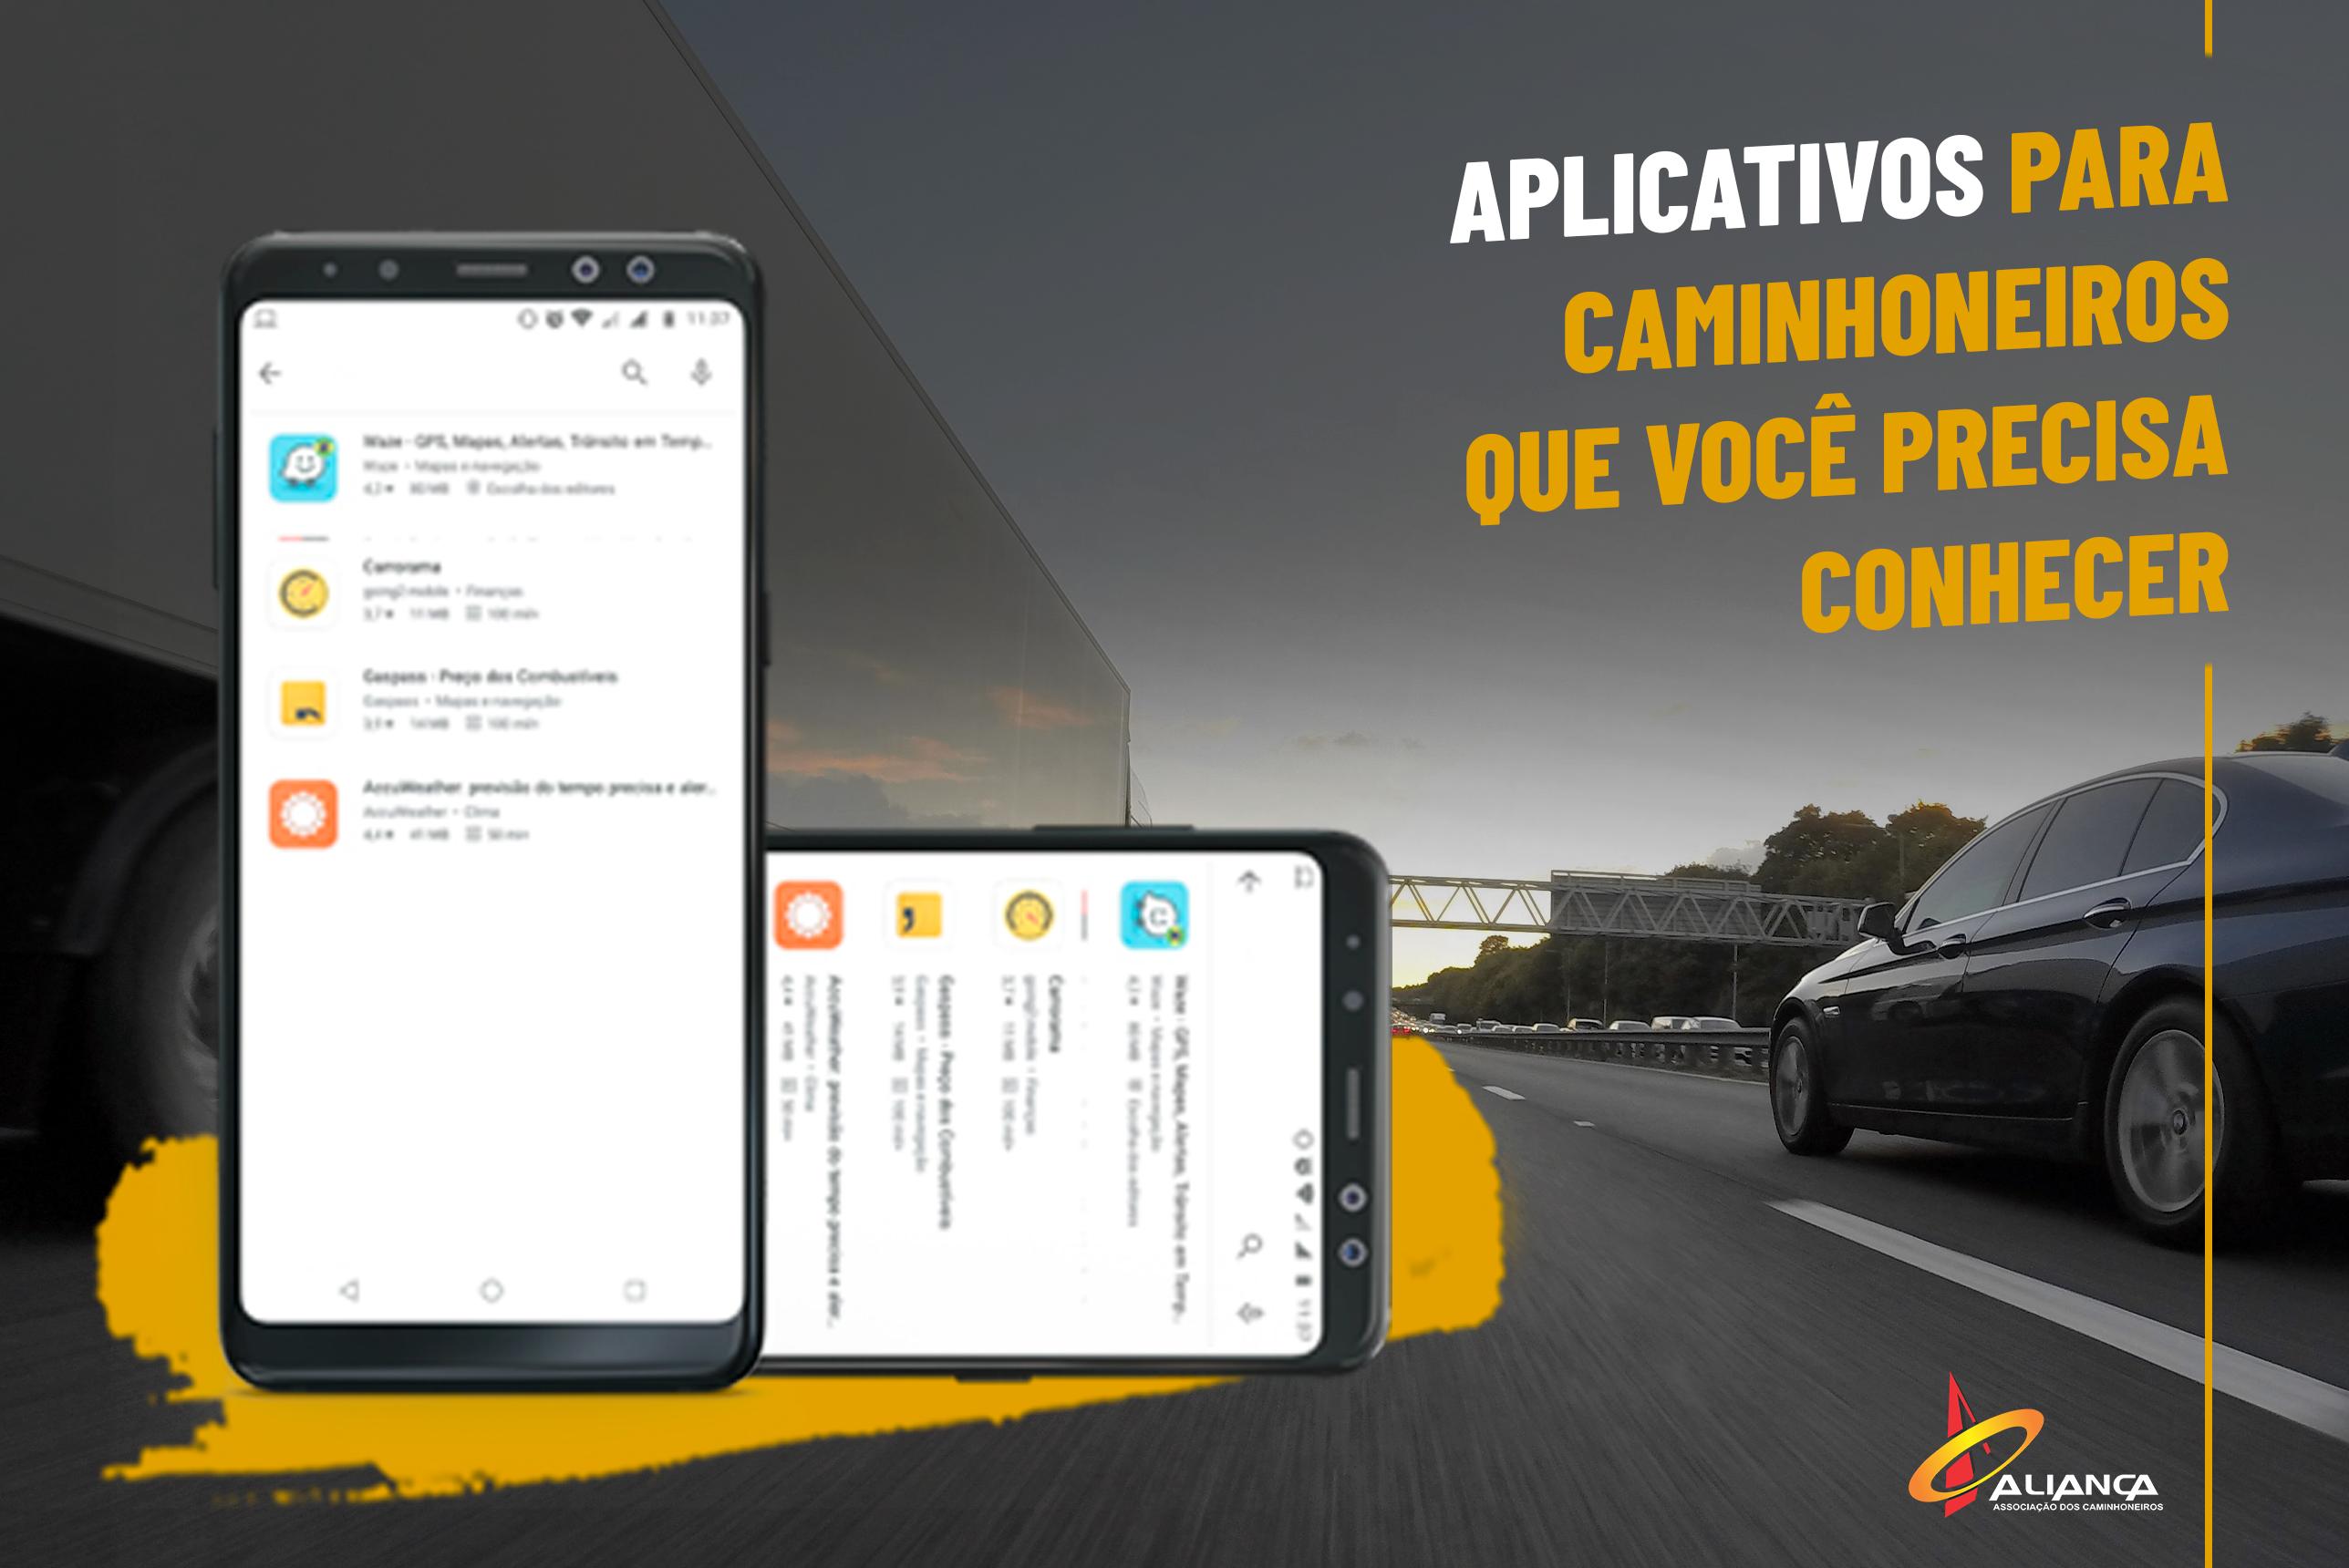 Conheça os aplicativos que vão facilitar seu dia a dia nas estradas